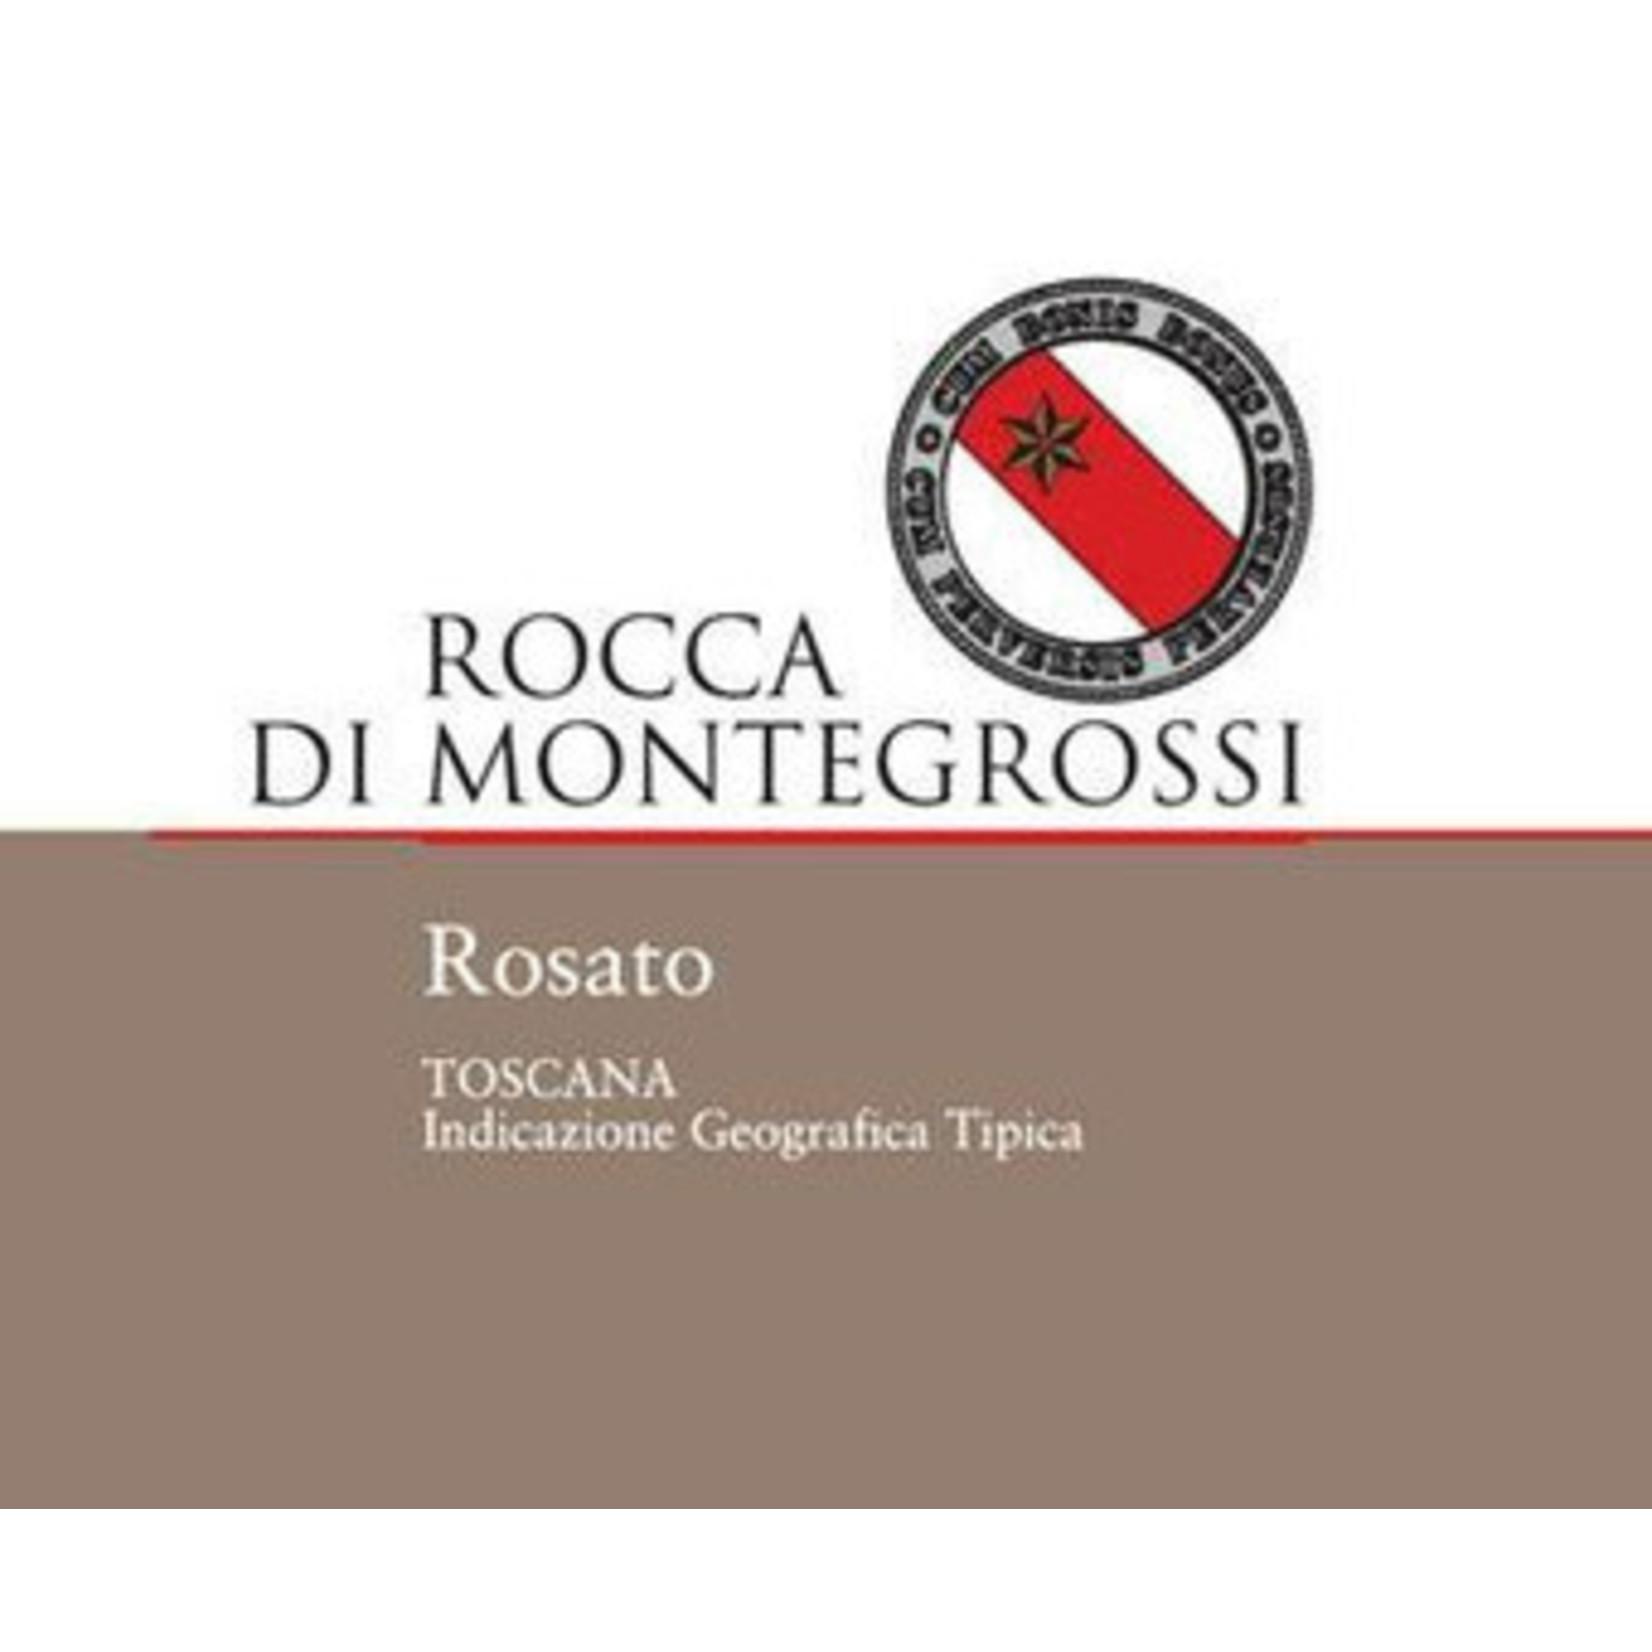 Wine Rocca di Montegrossi Toscana Rosato 2020